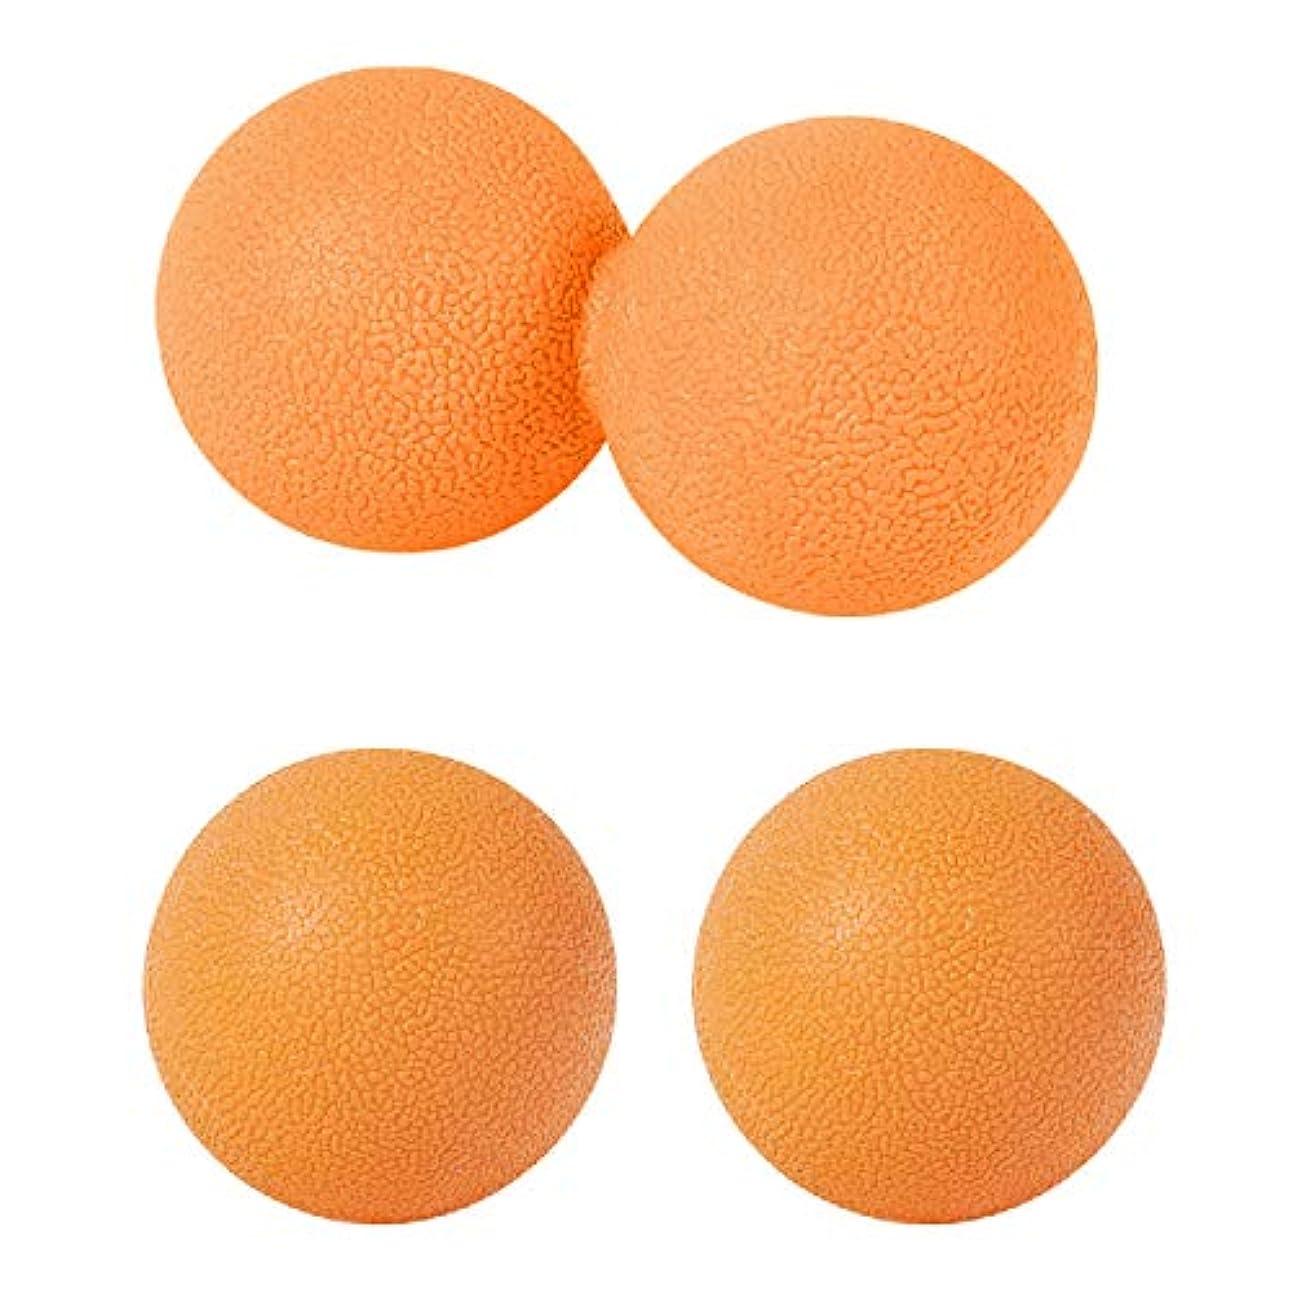 痛み東思い出すsac taske マッサージボール ストレッチ ピーナッツ ツボ押し トリガーポイント 3個セット (オレンジ)